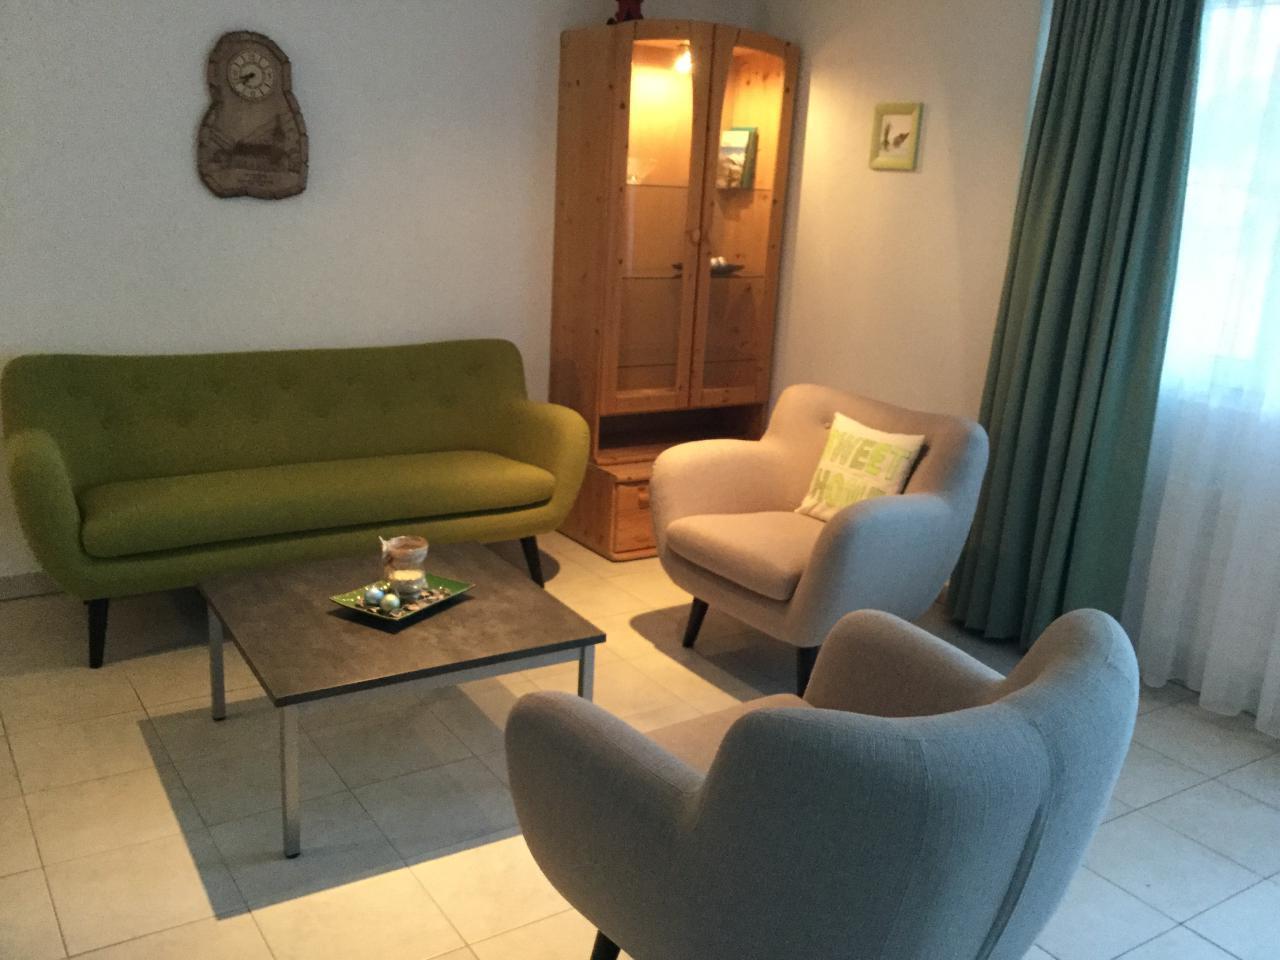 Ferienwohnung für 2 - 5 Personen mit zwei getrennten Schlafzimmern (692149), Saas Almagell, Saastal, Wallis, Schweiz, Bild 6